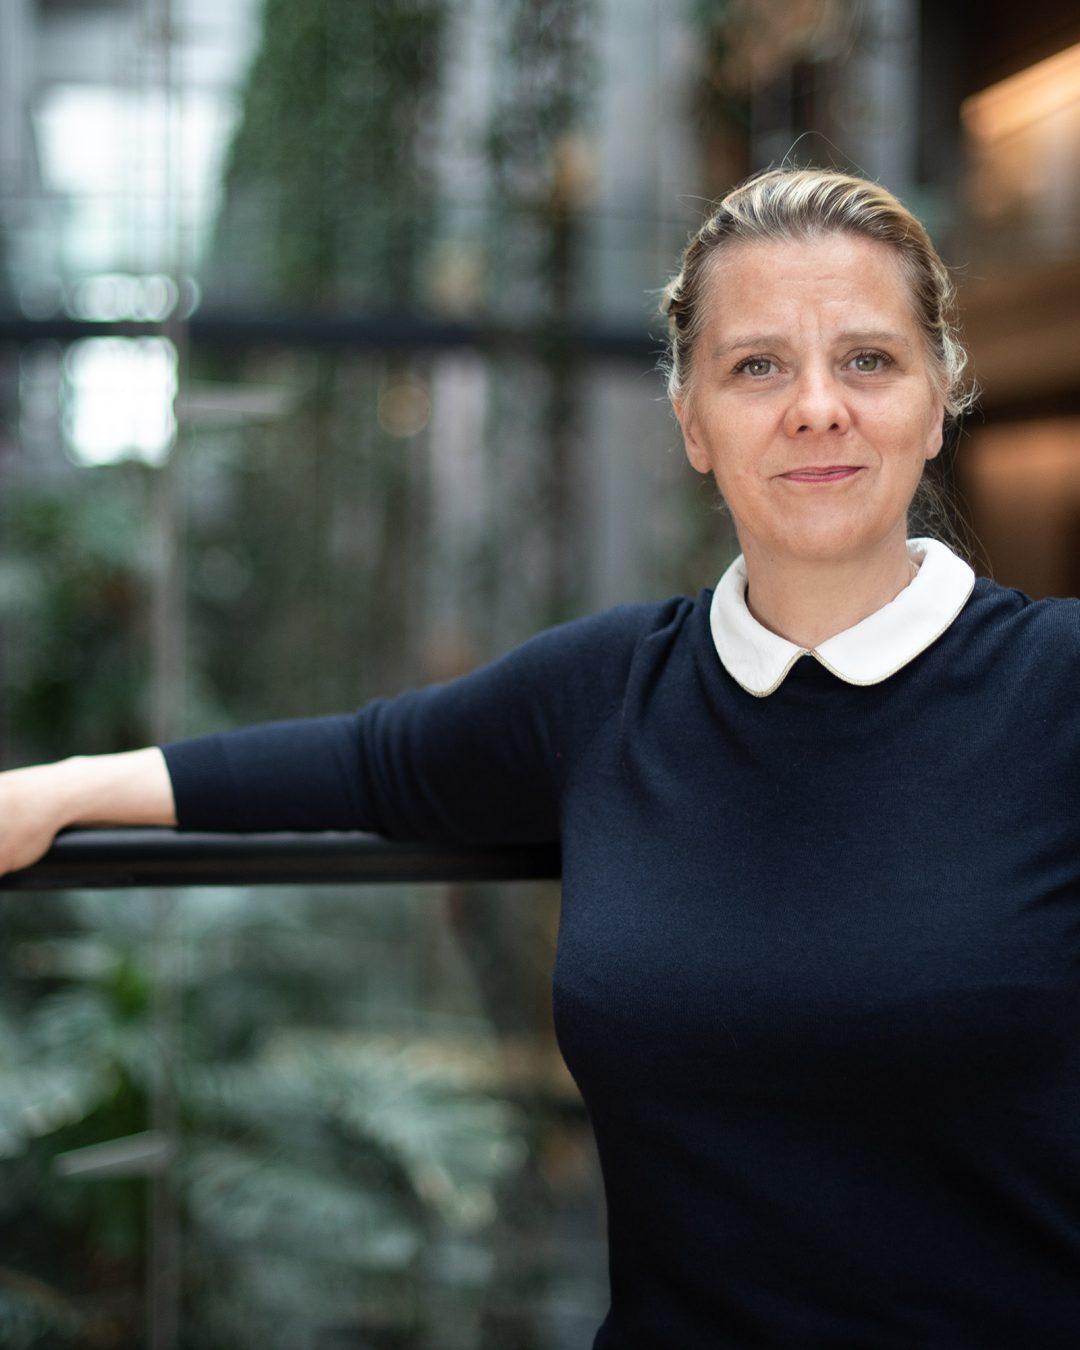 Anne-Sophie PELLETIER